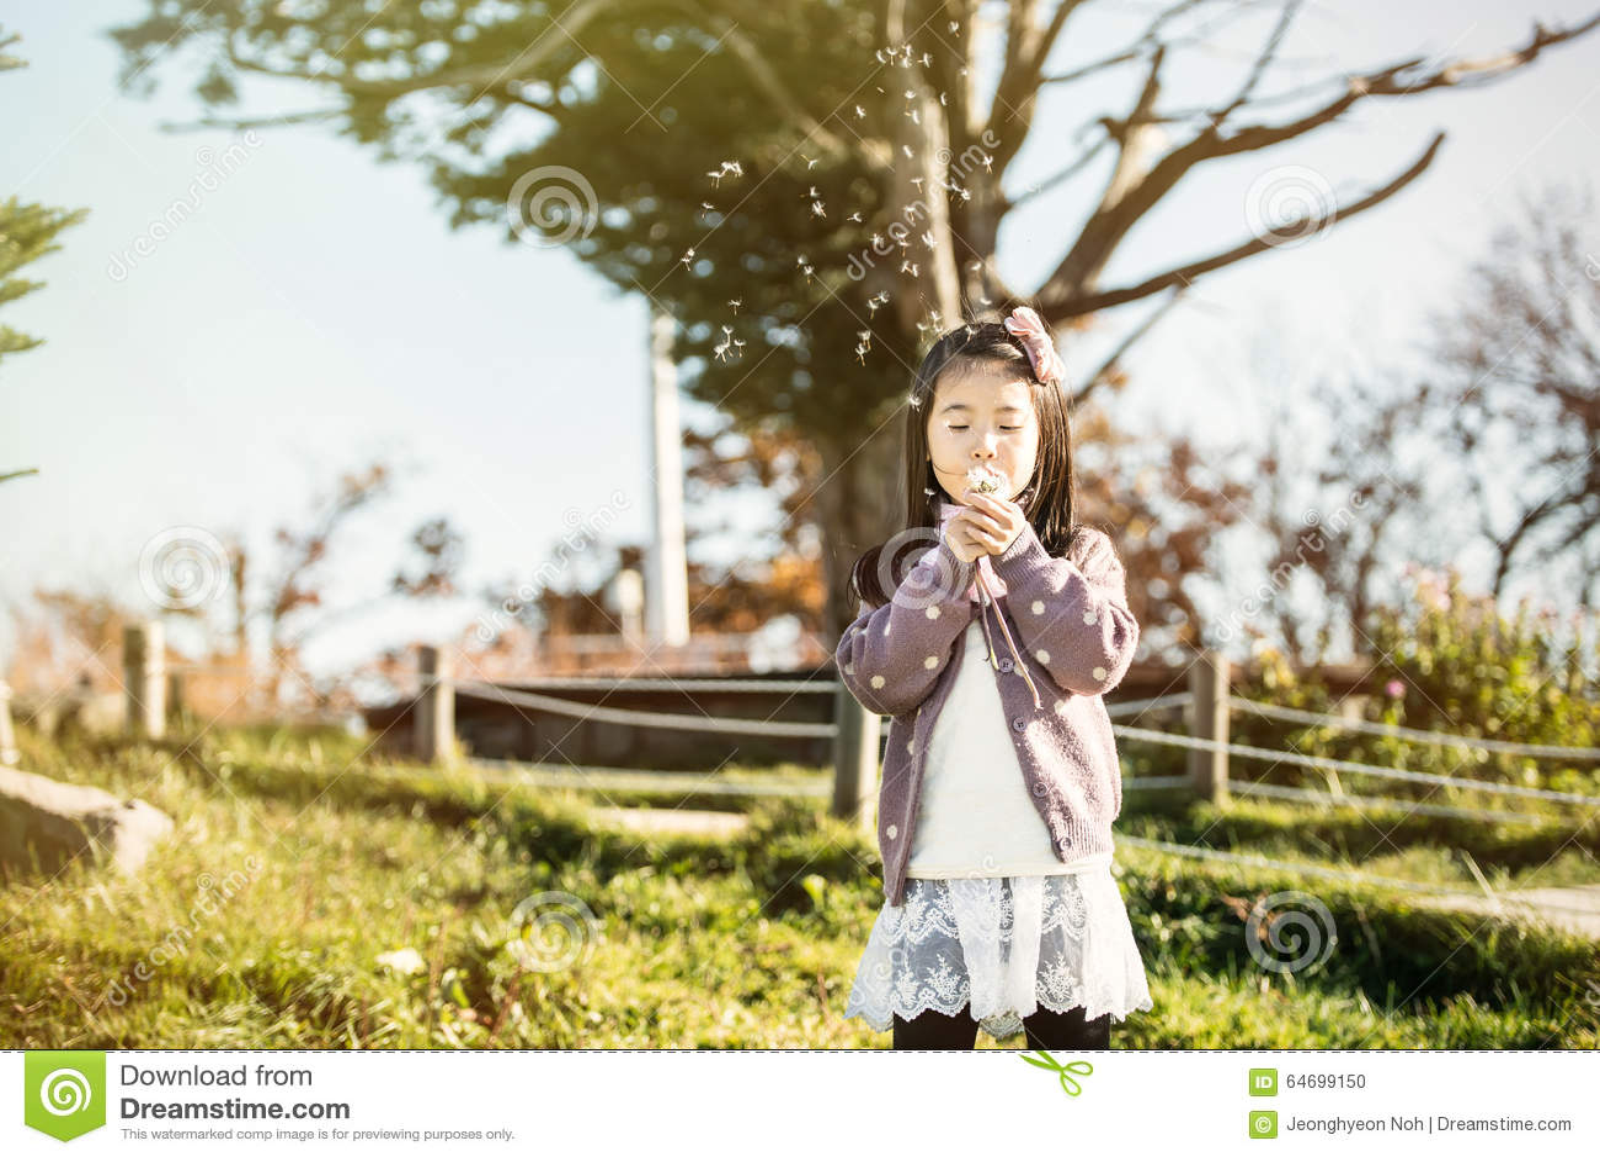 Il bambino che soffia un dente di leone in un parco